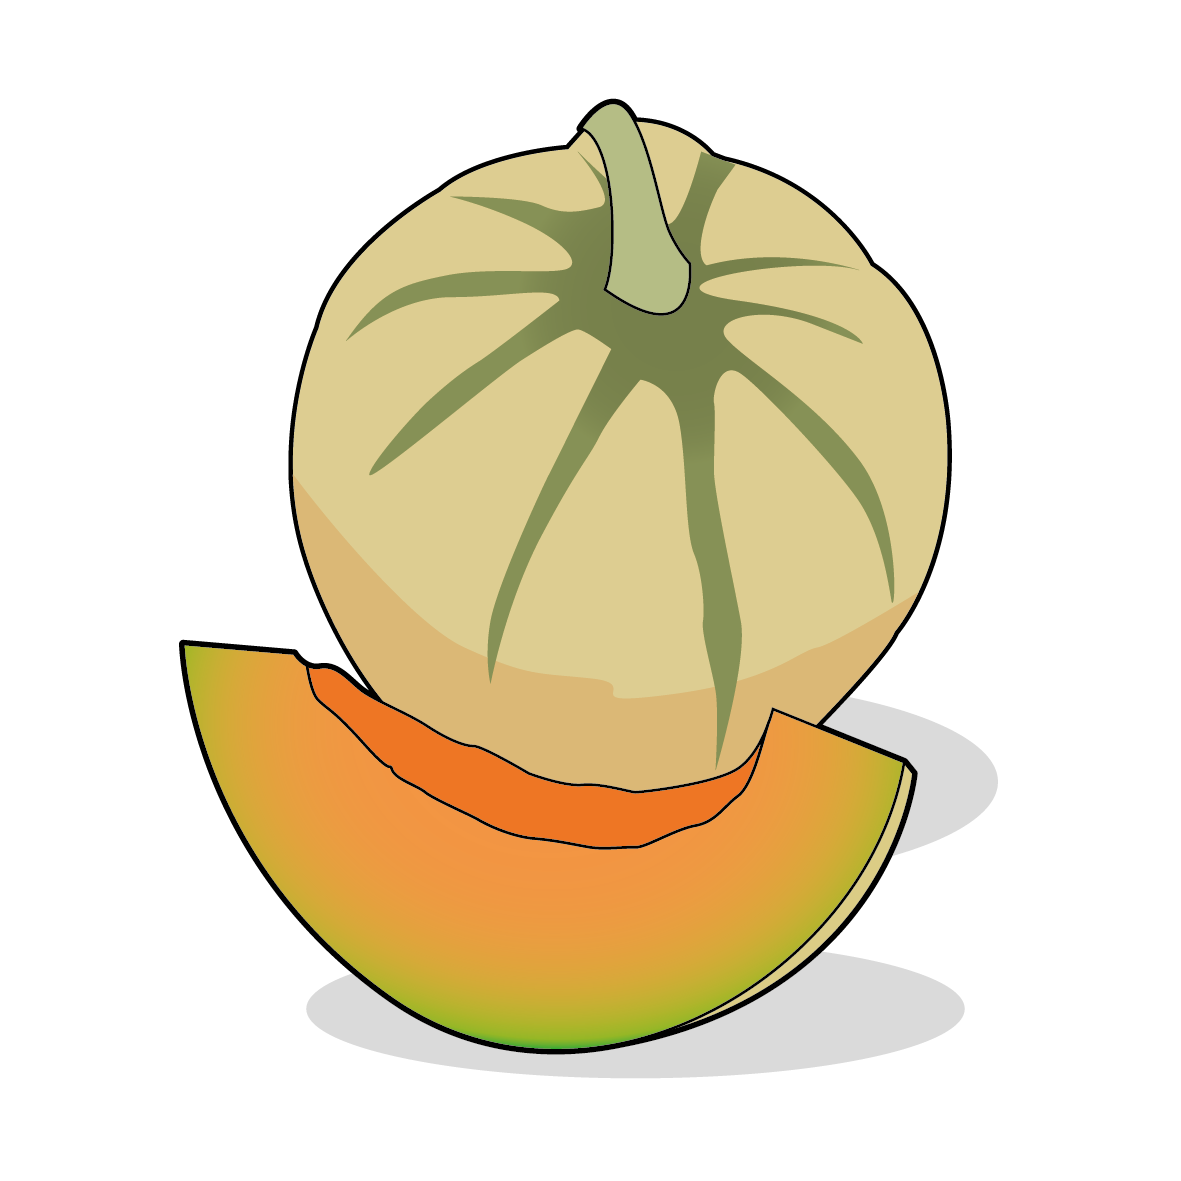 Icone d'un melon, ailmacocotte.com